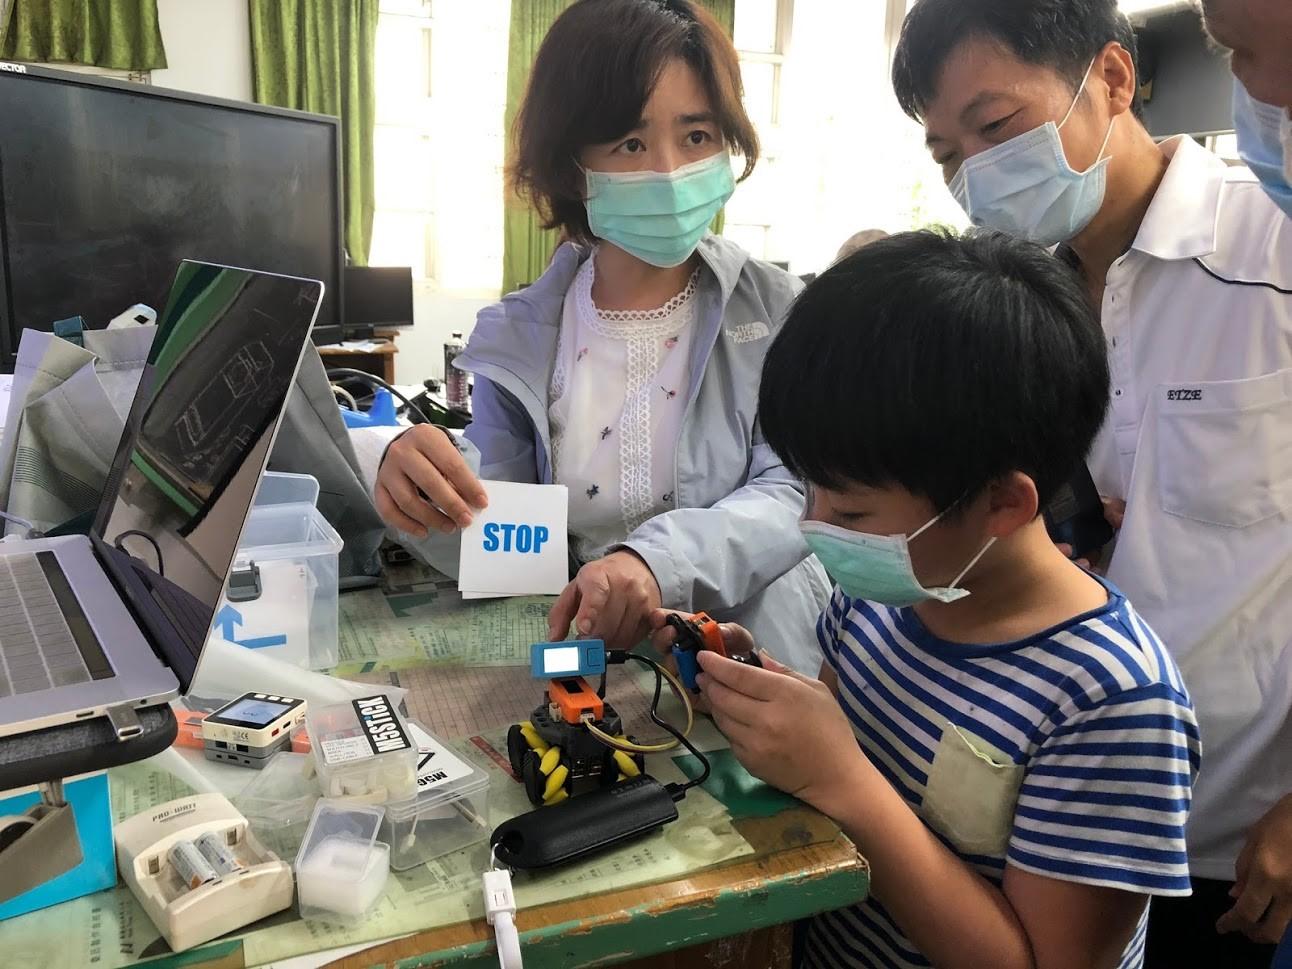 教育部2020年4月12日新聞照片:老師們指導製作紅外線熱像儀